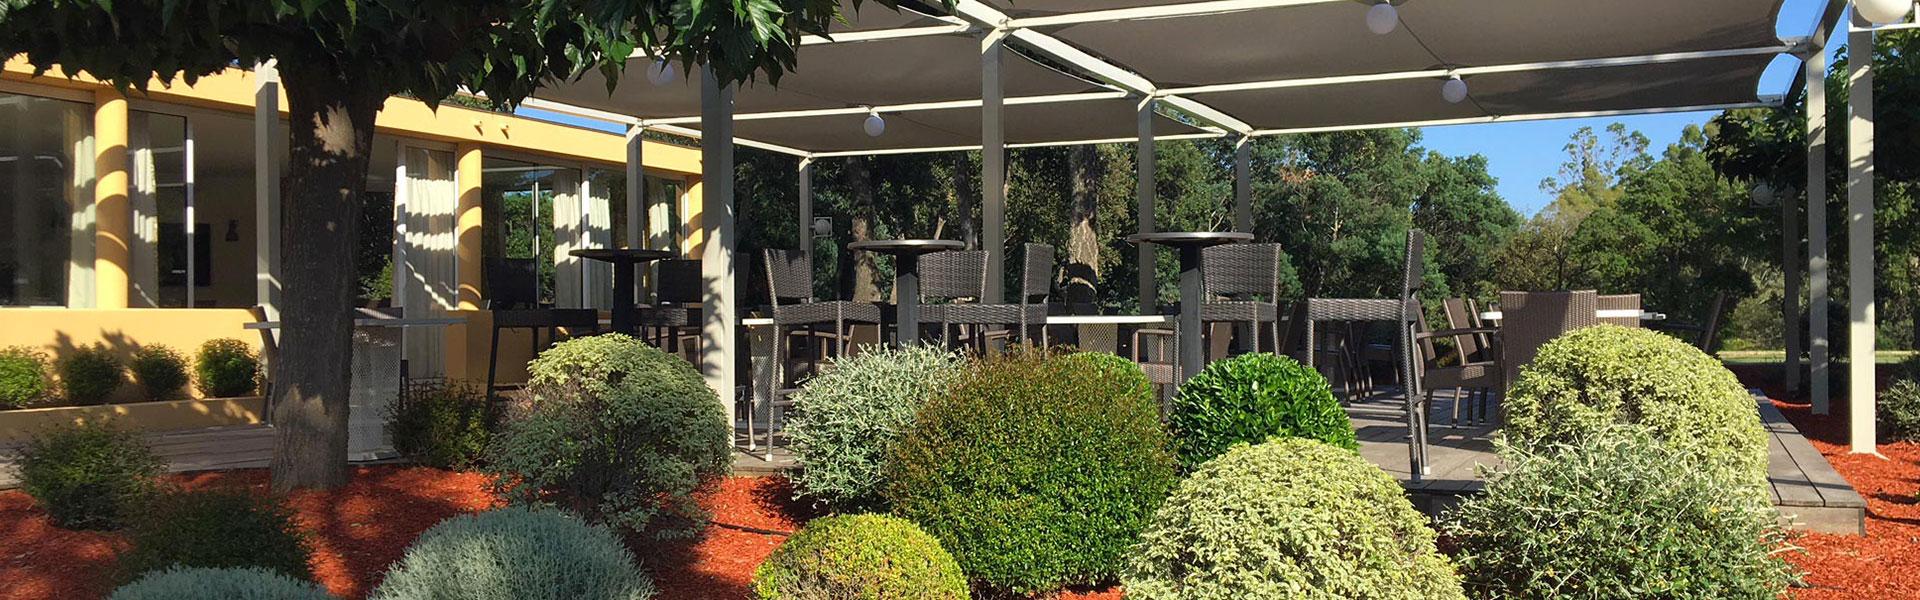 Club House Golf de Beauvallon restaurant Grimaud Golfe de Saint Tropez